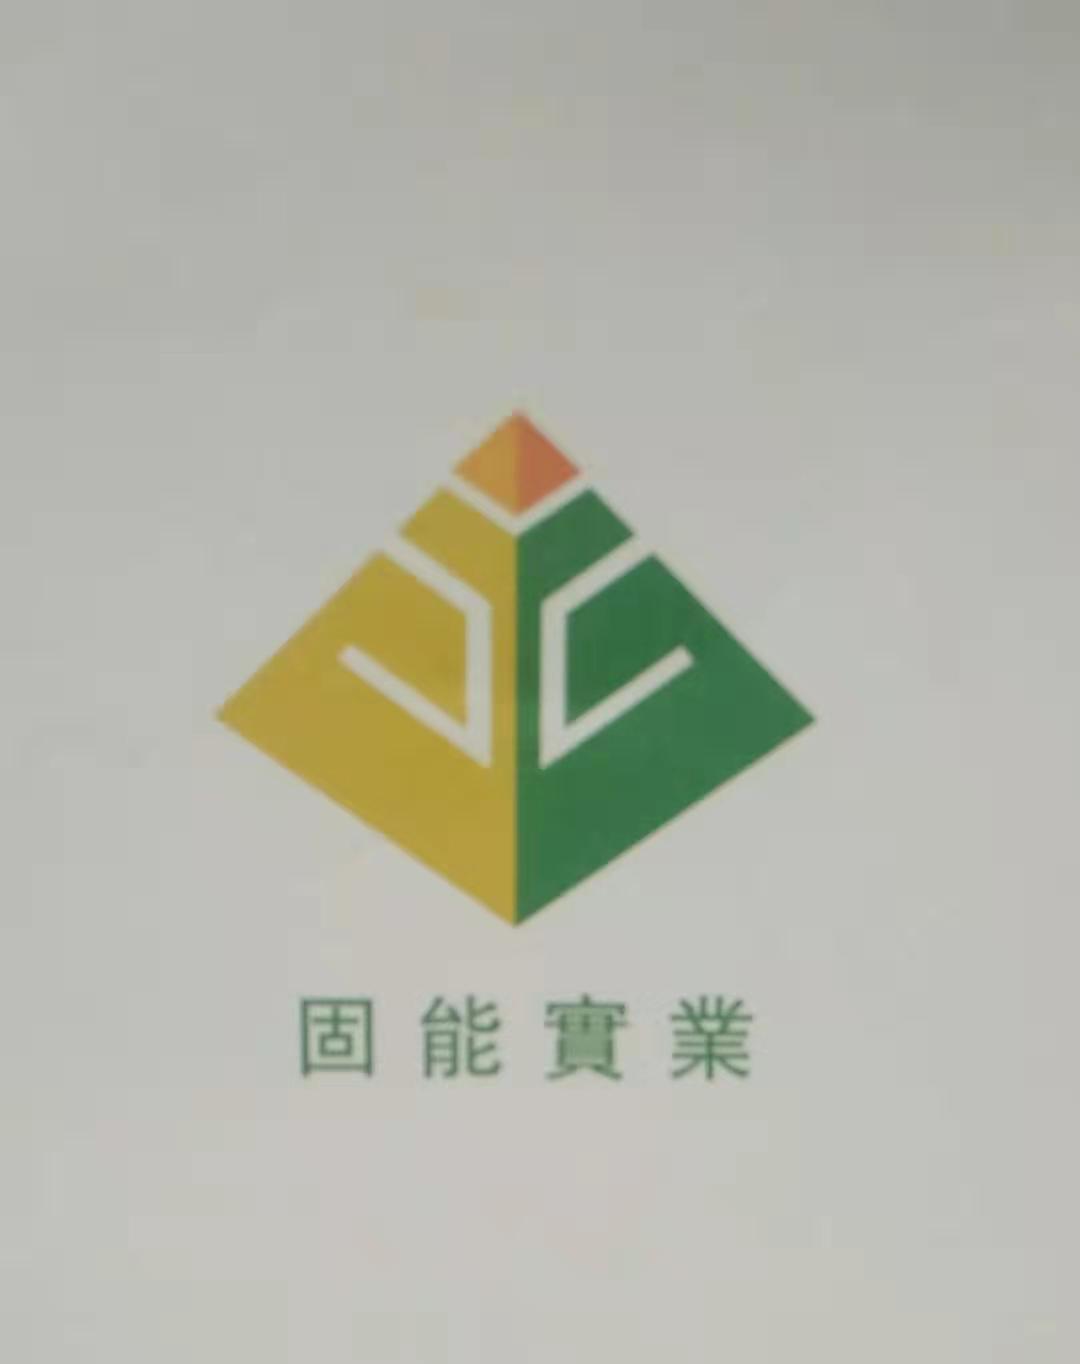 上海固能实业有限公司